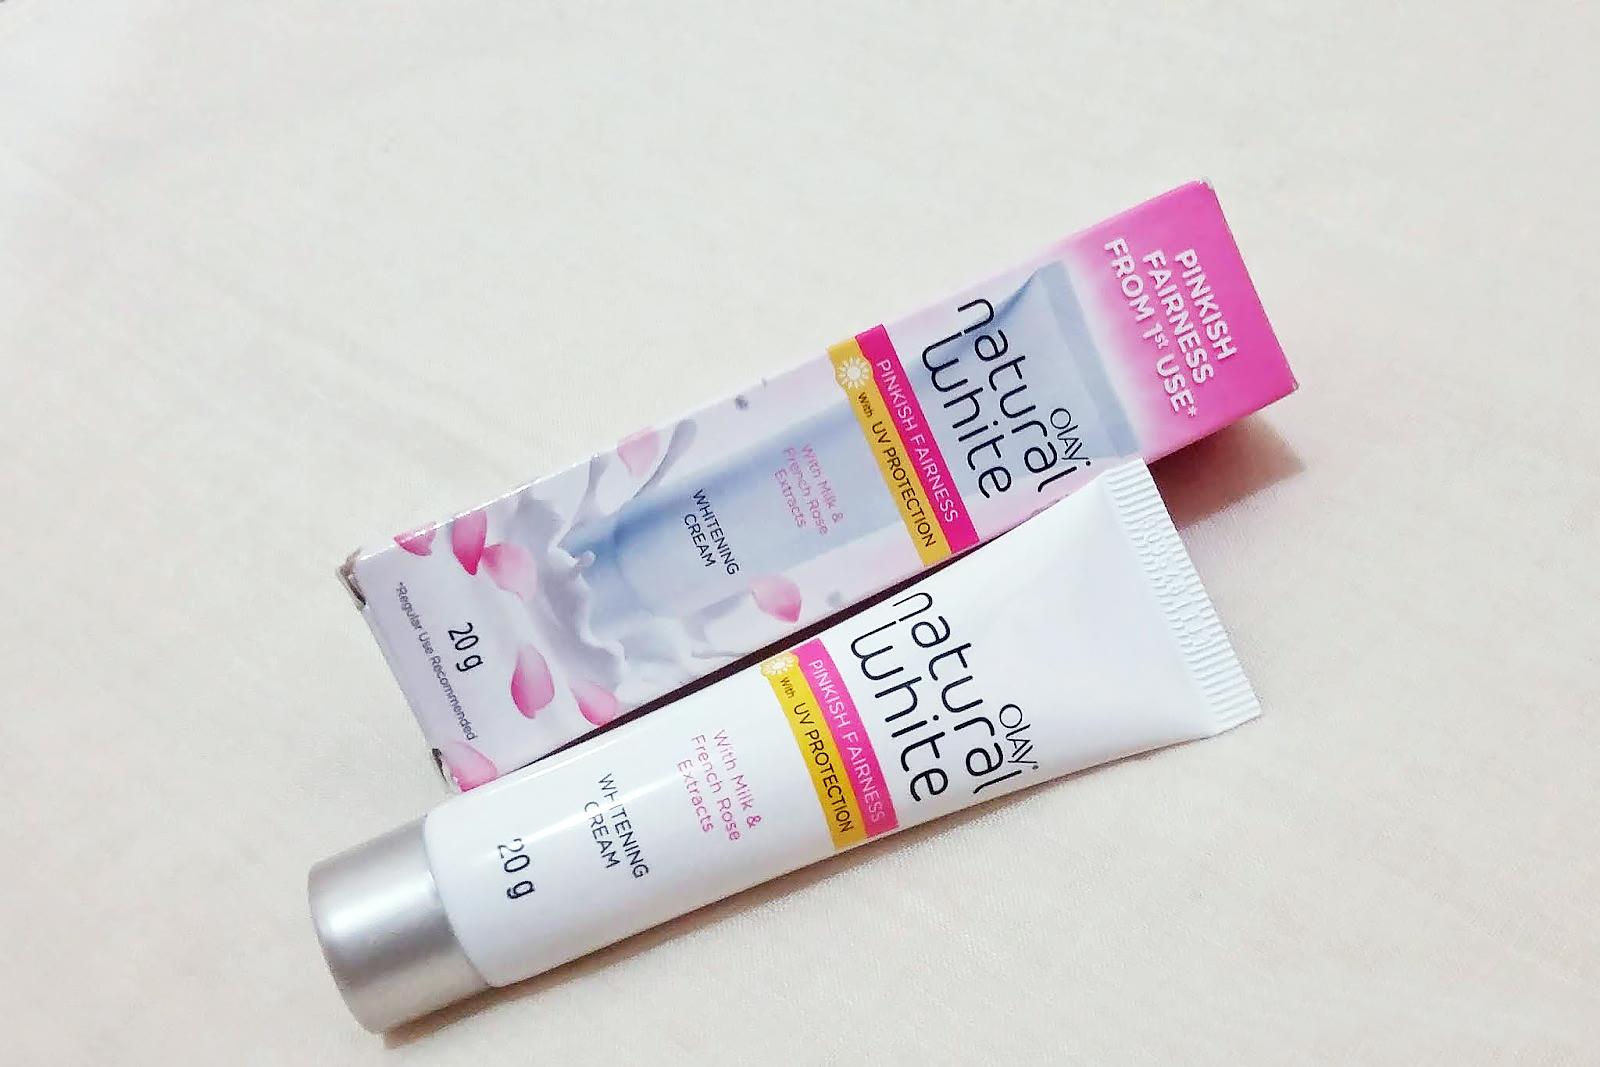 Thiết kế bao bì Kem Dưỡng Sáng Hồng Tự Nhiên Ban Ngày Olay Natural White UV 20g (dạng tuýp)